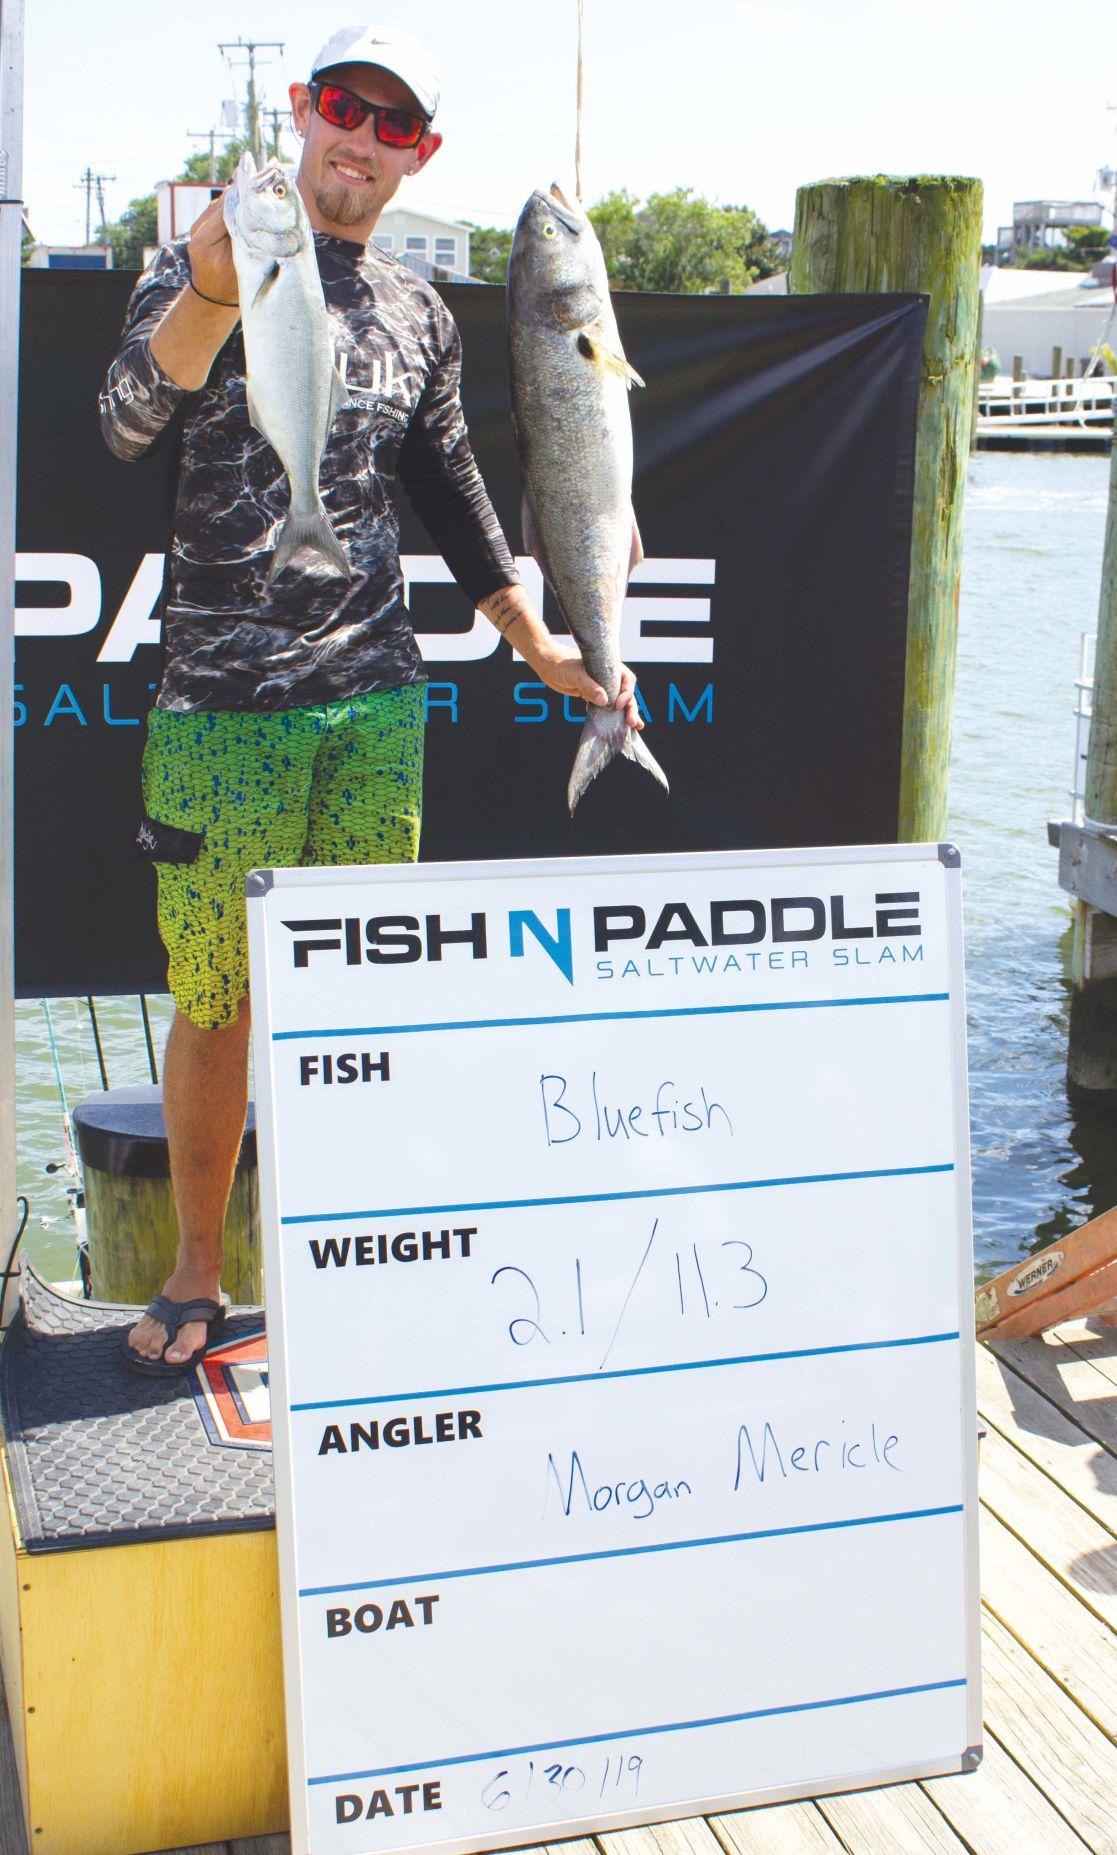 fish paddle morgan